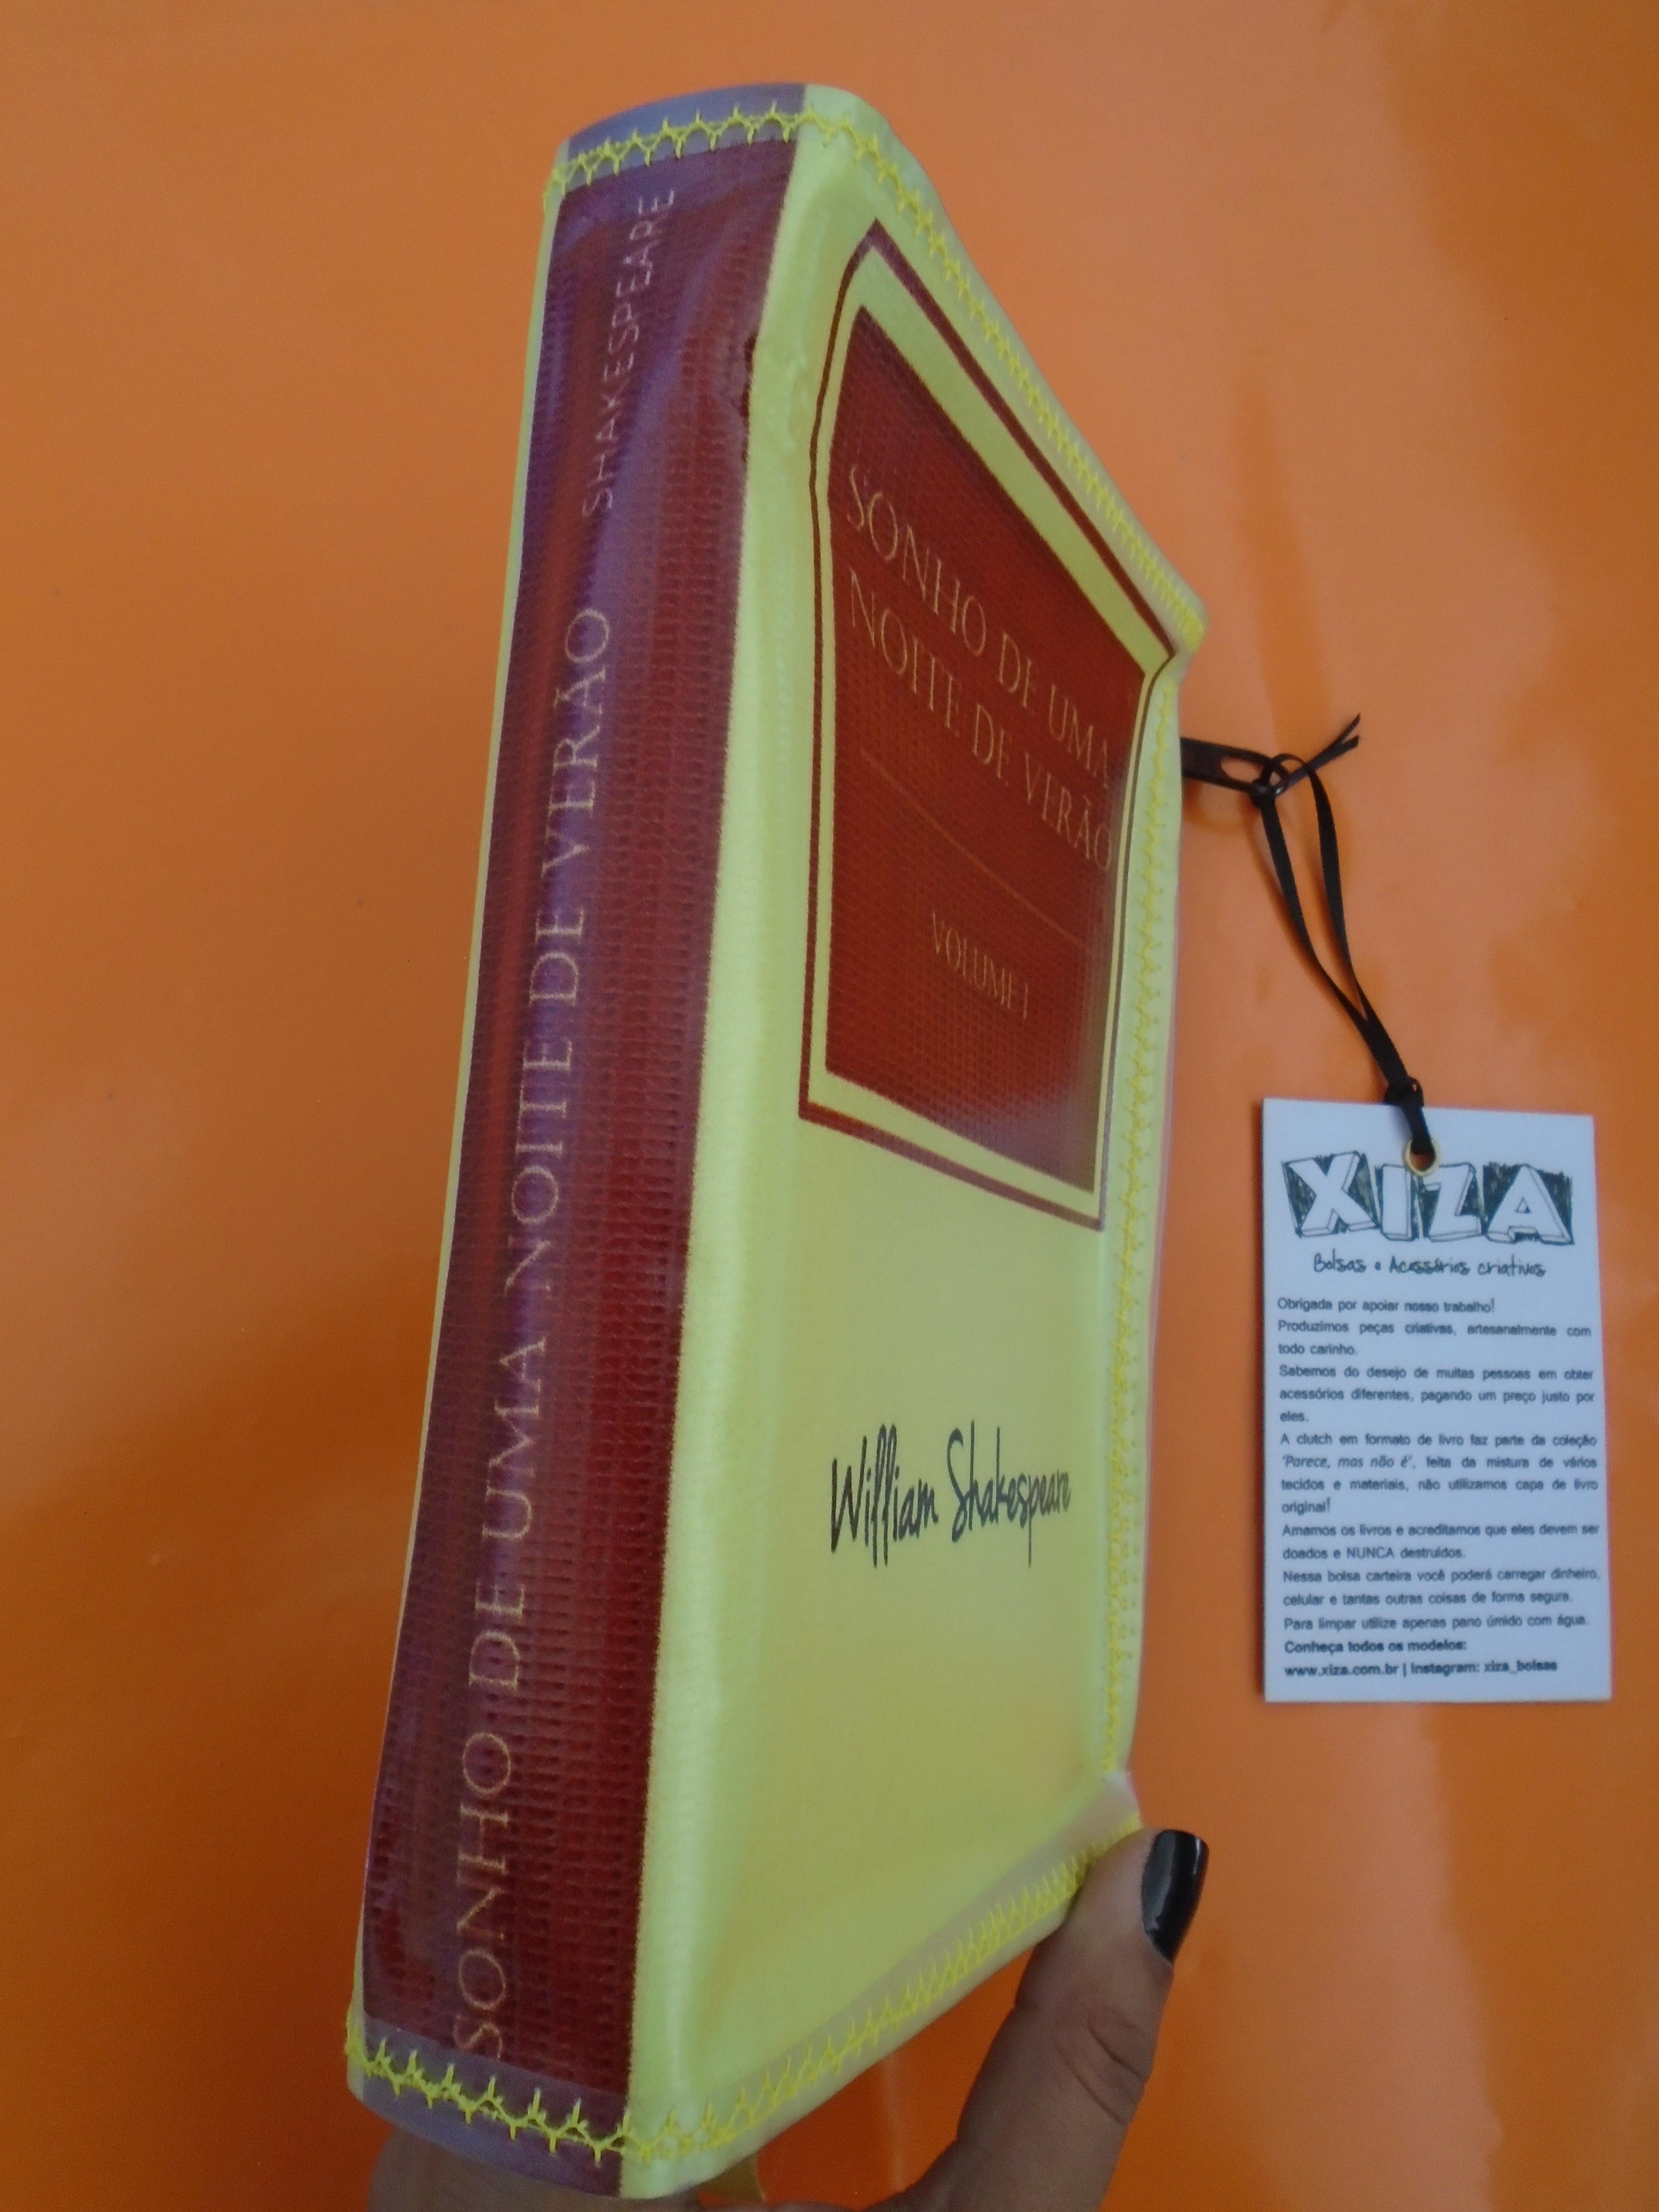 d6facdbd3 Bolsa Carteira em formato de livro - SONHO DE UMA NOITE no Elo7   XIZA  (E72980)